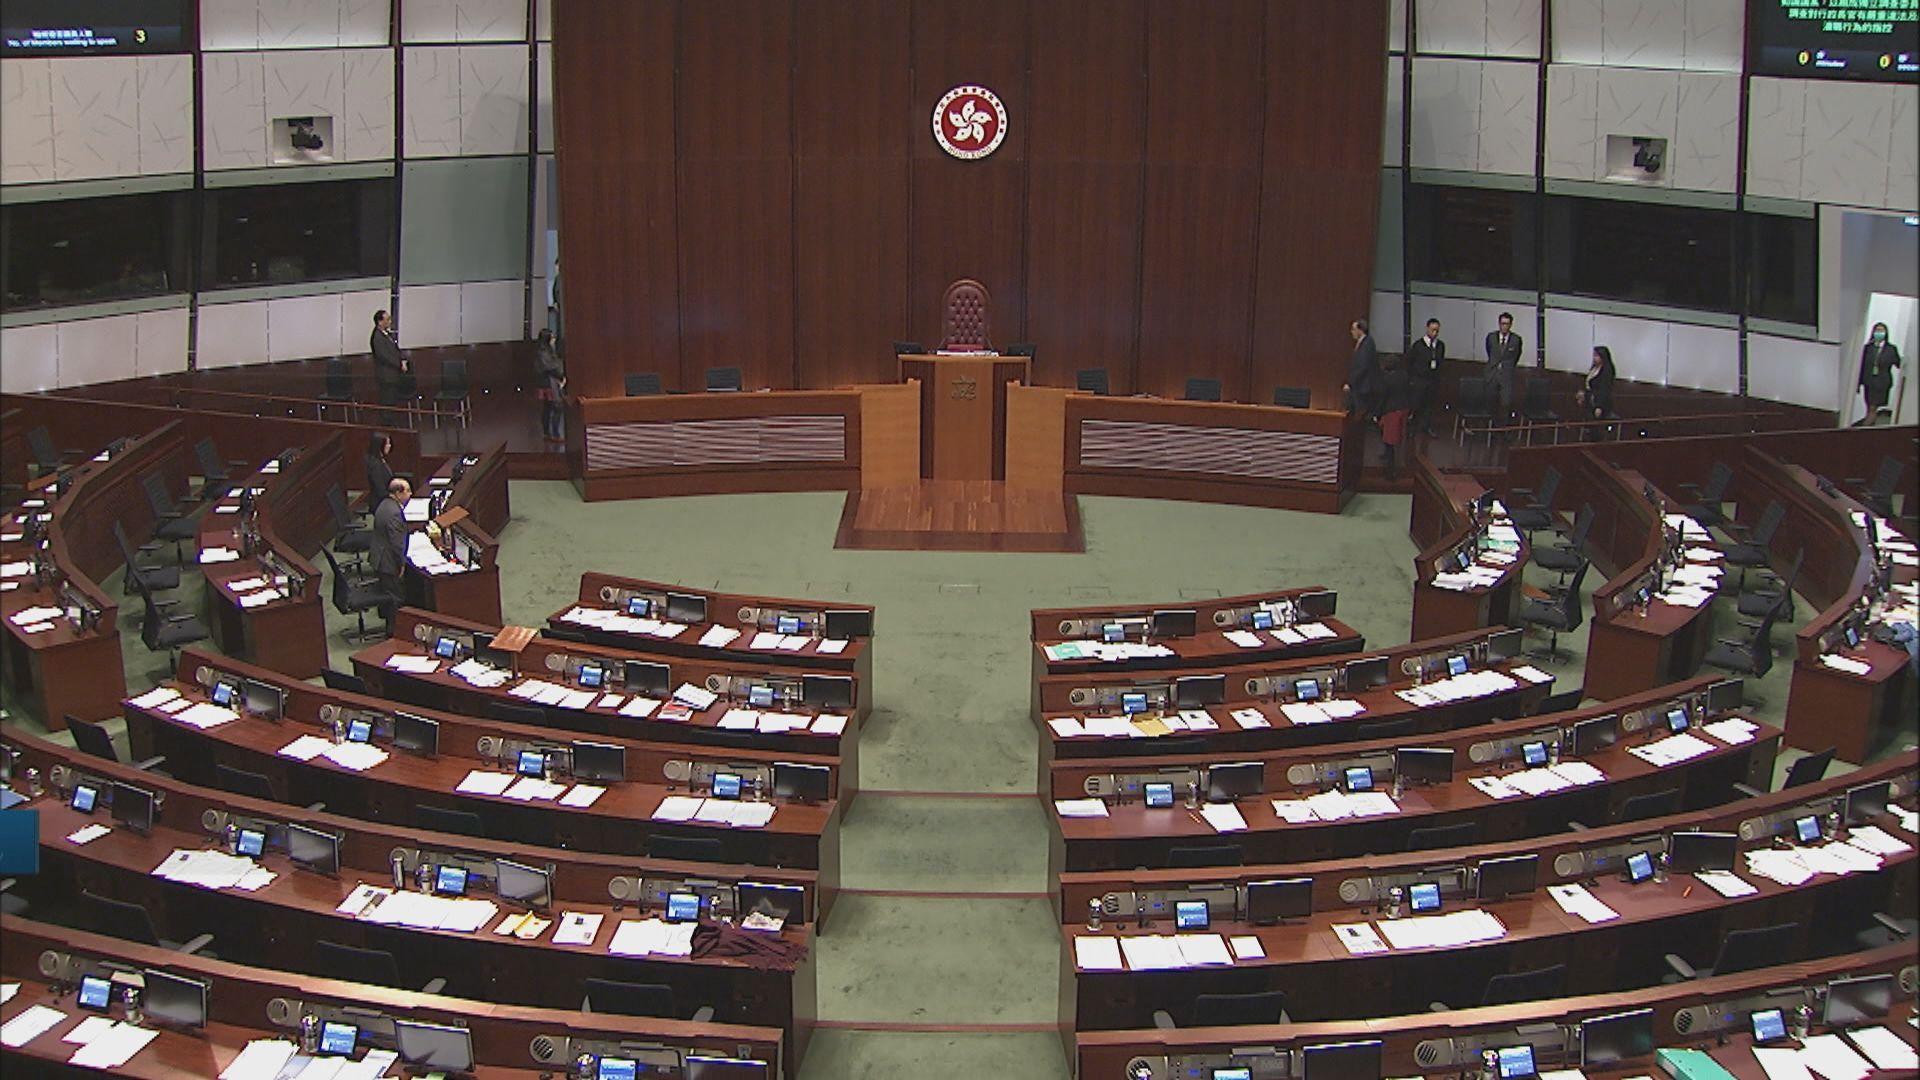 彈劾林鄭議案 建制派:政府施政失誤不等於瀆職